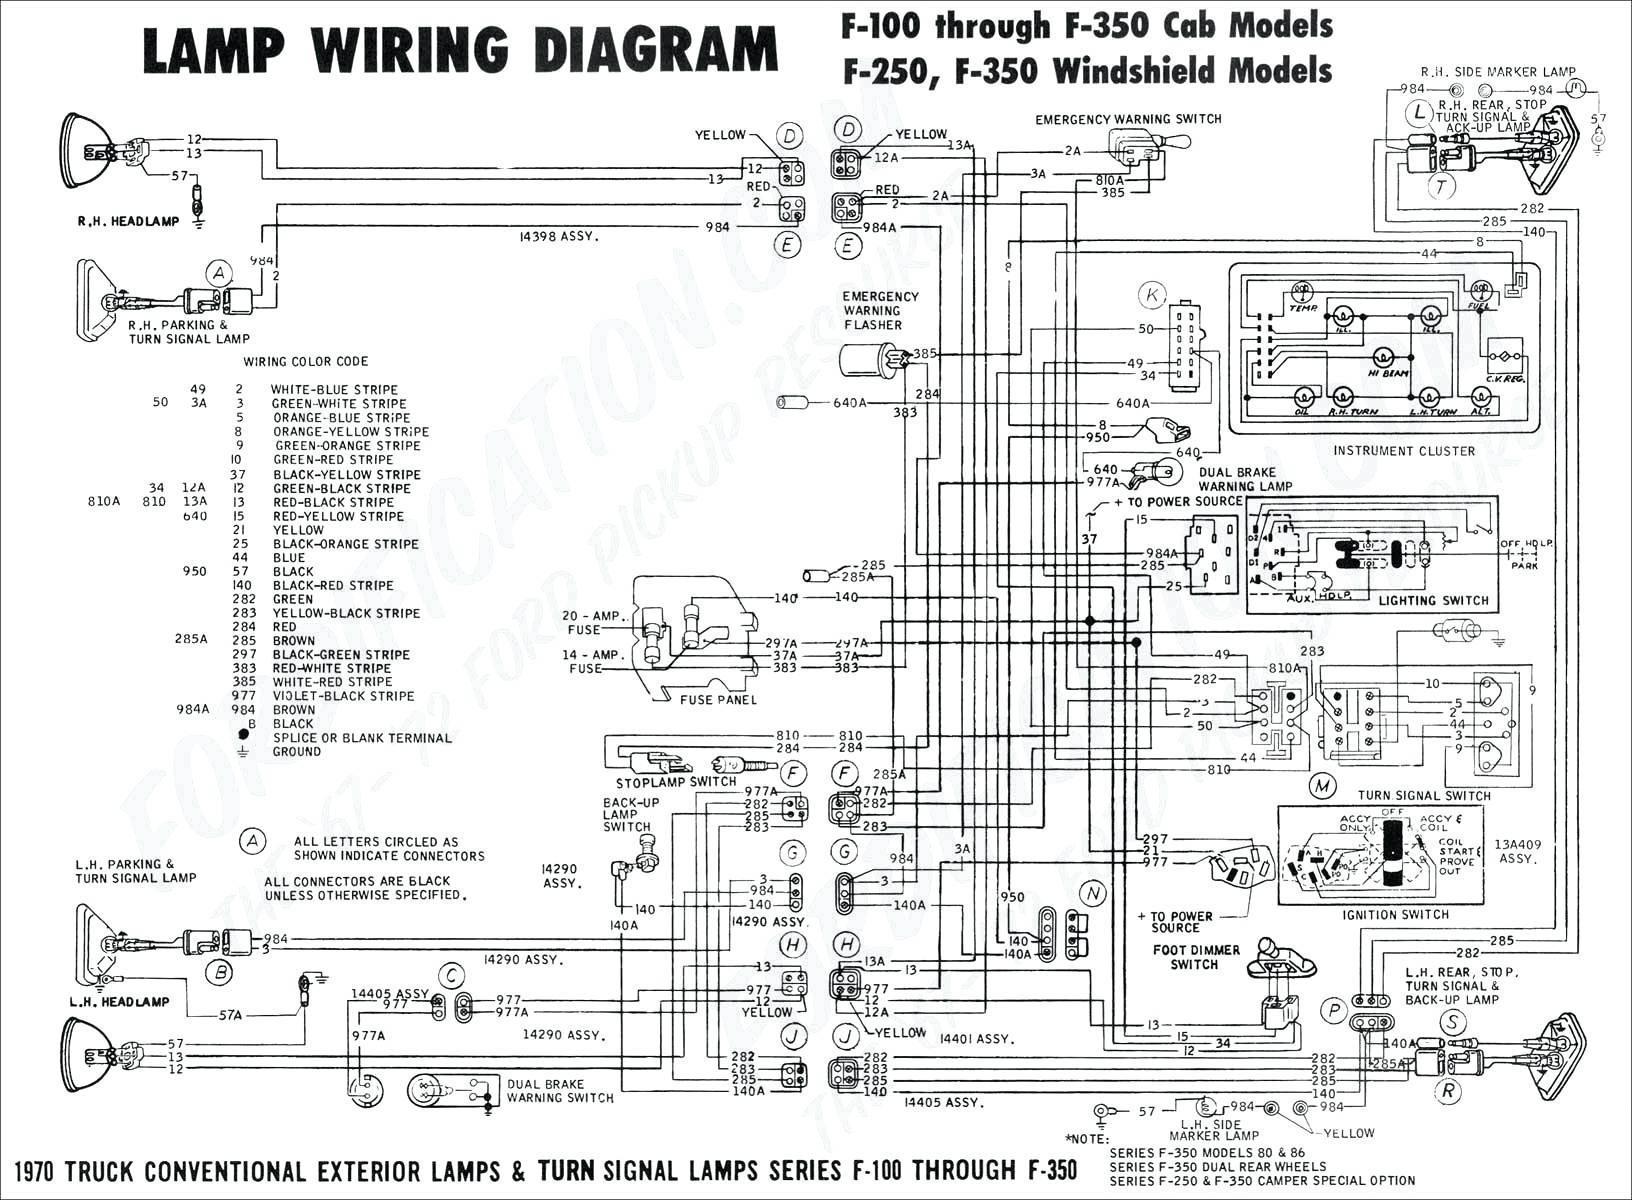 Keystone Trailer Wiring Diagram - Wiring Diagram